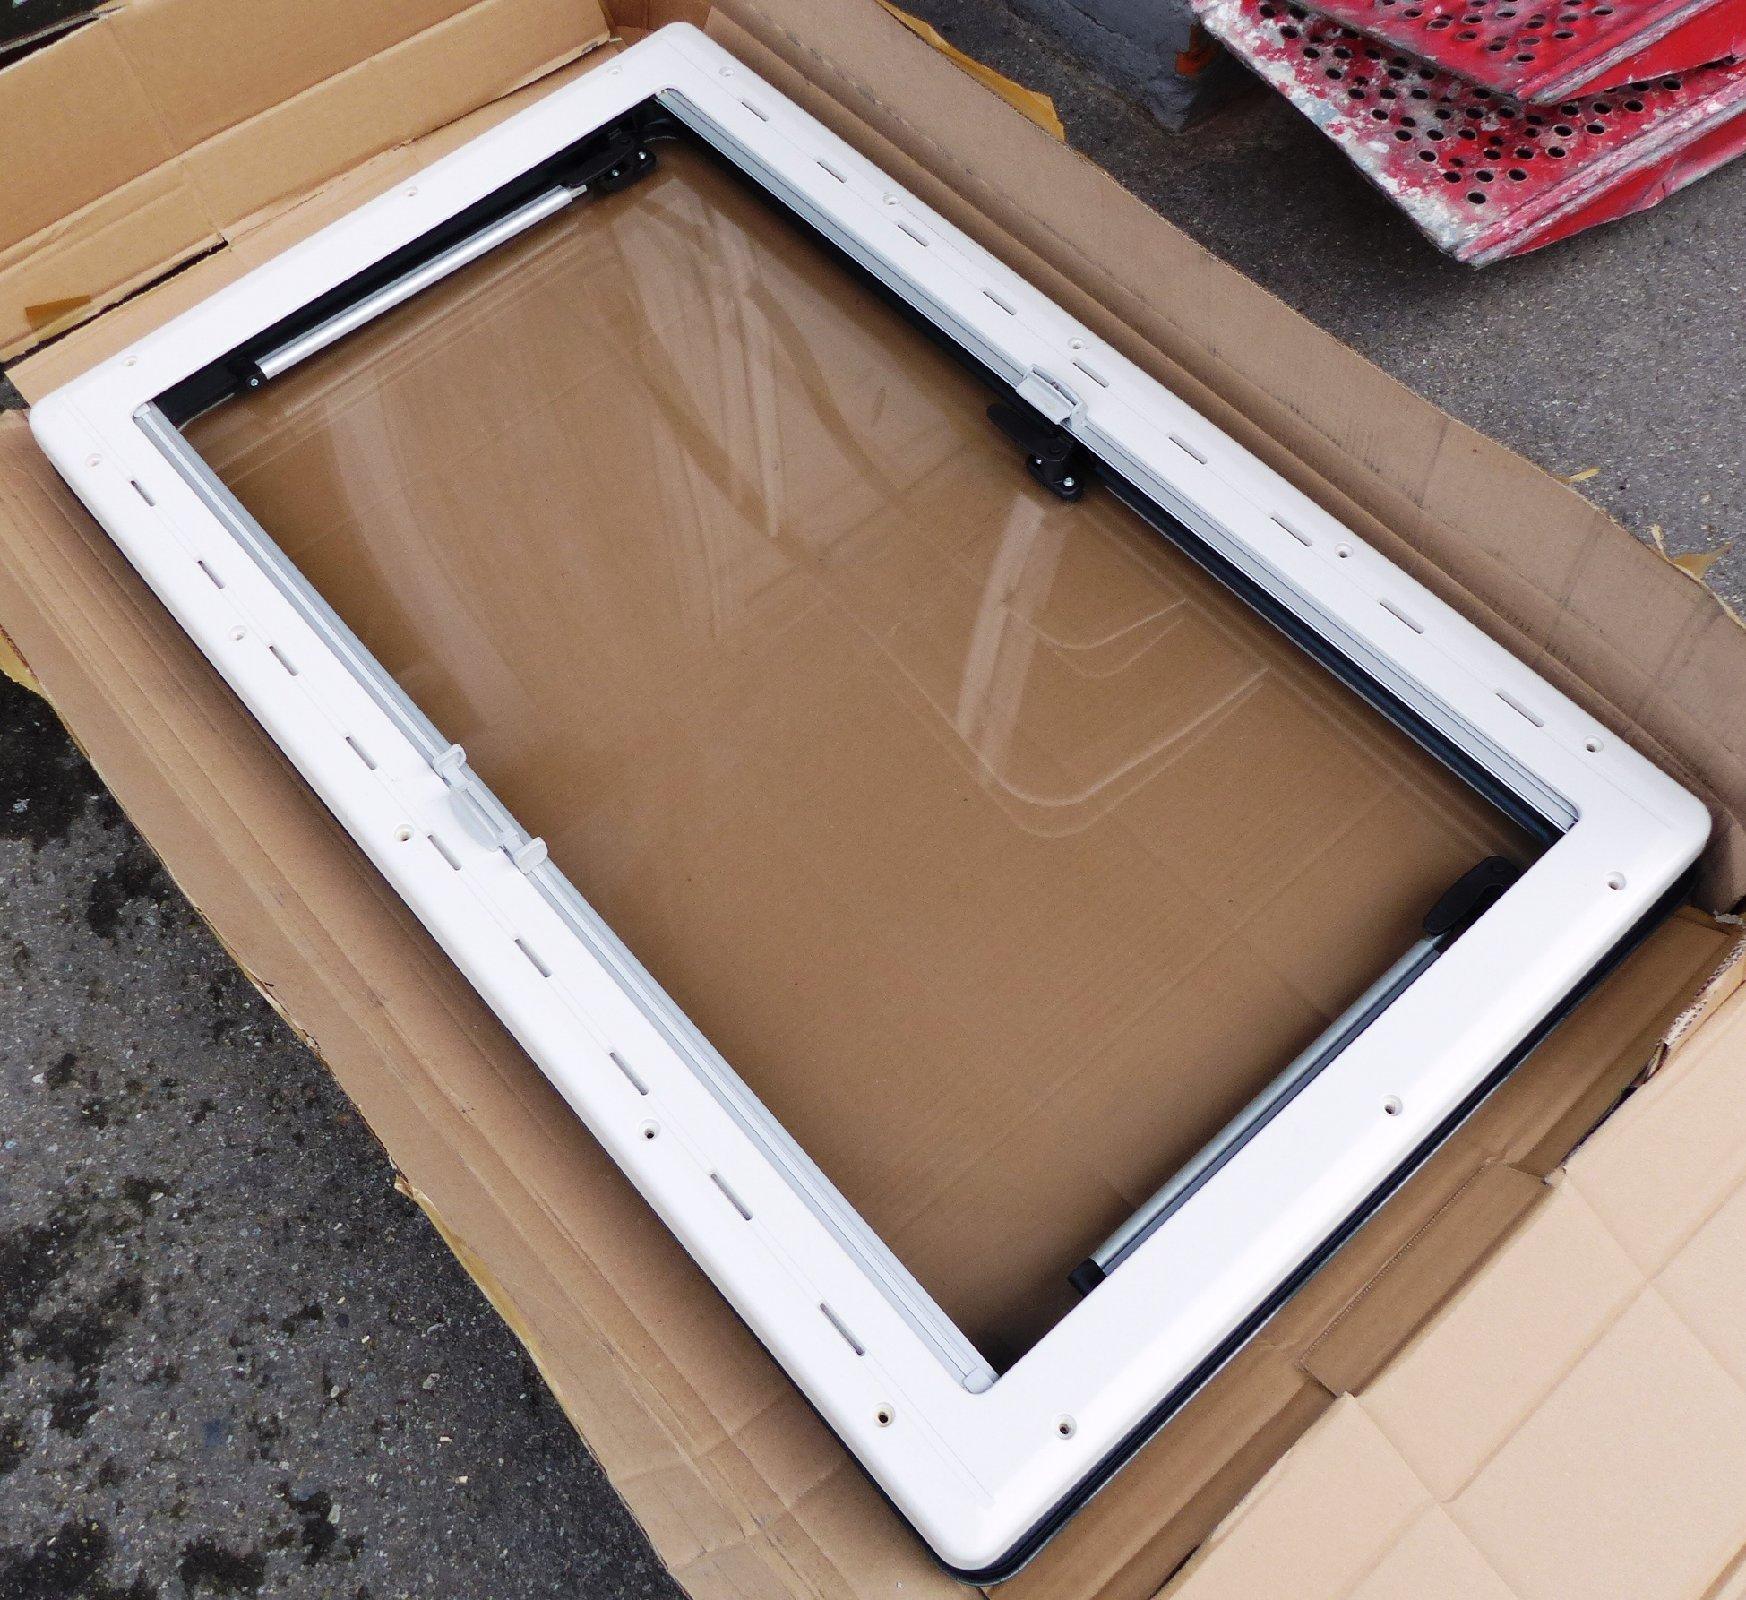 Seitz ausstellfenster s4 1000 x 600 dometic 43r 001748 for Fenster wohnmobil